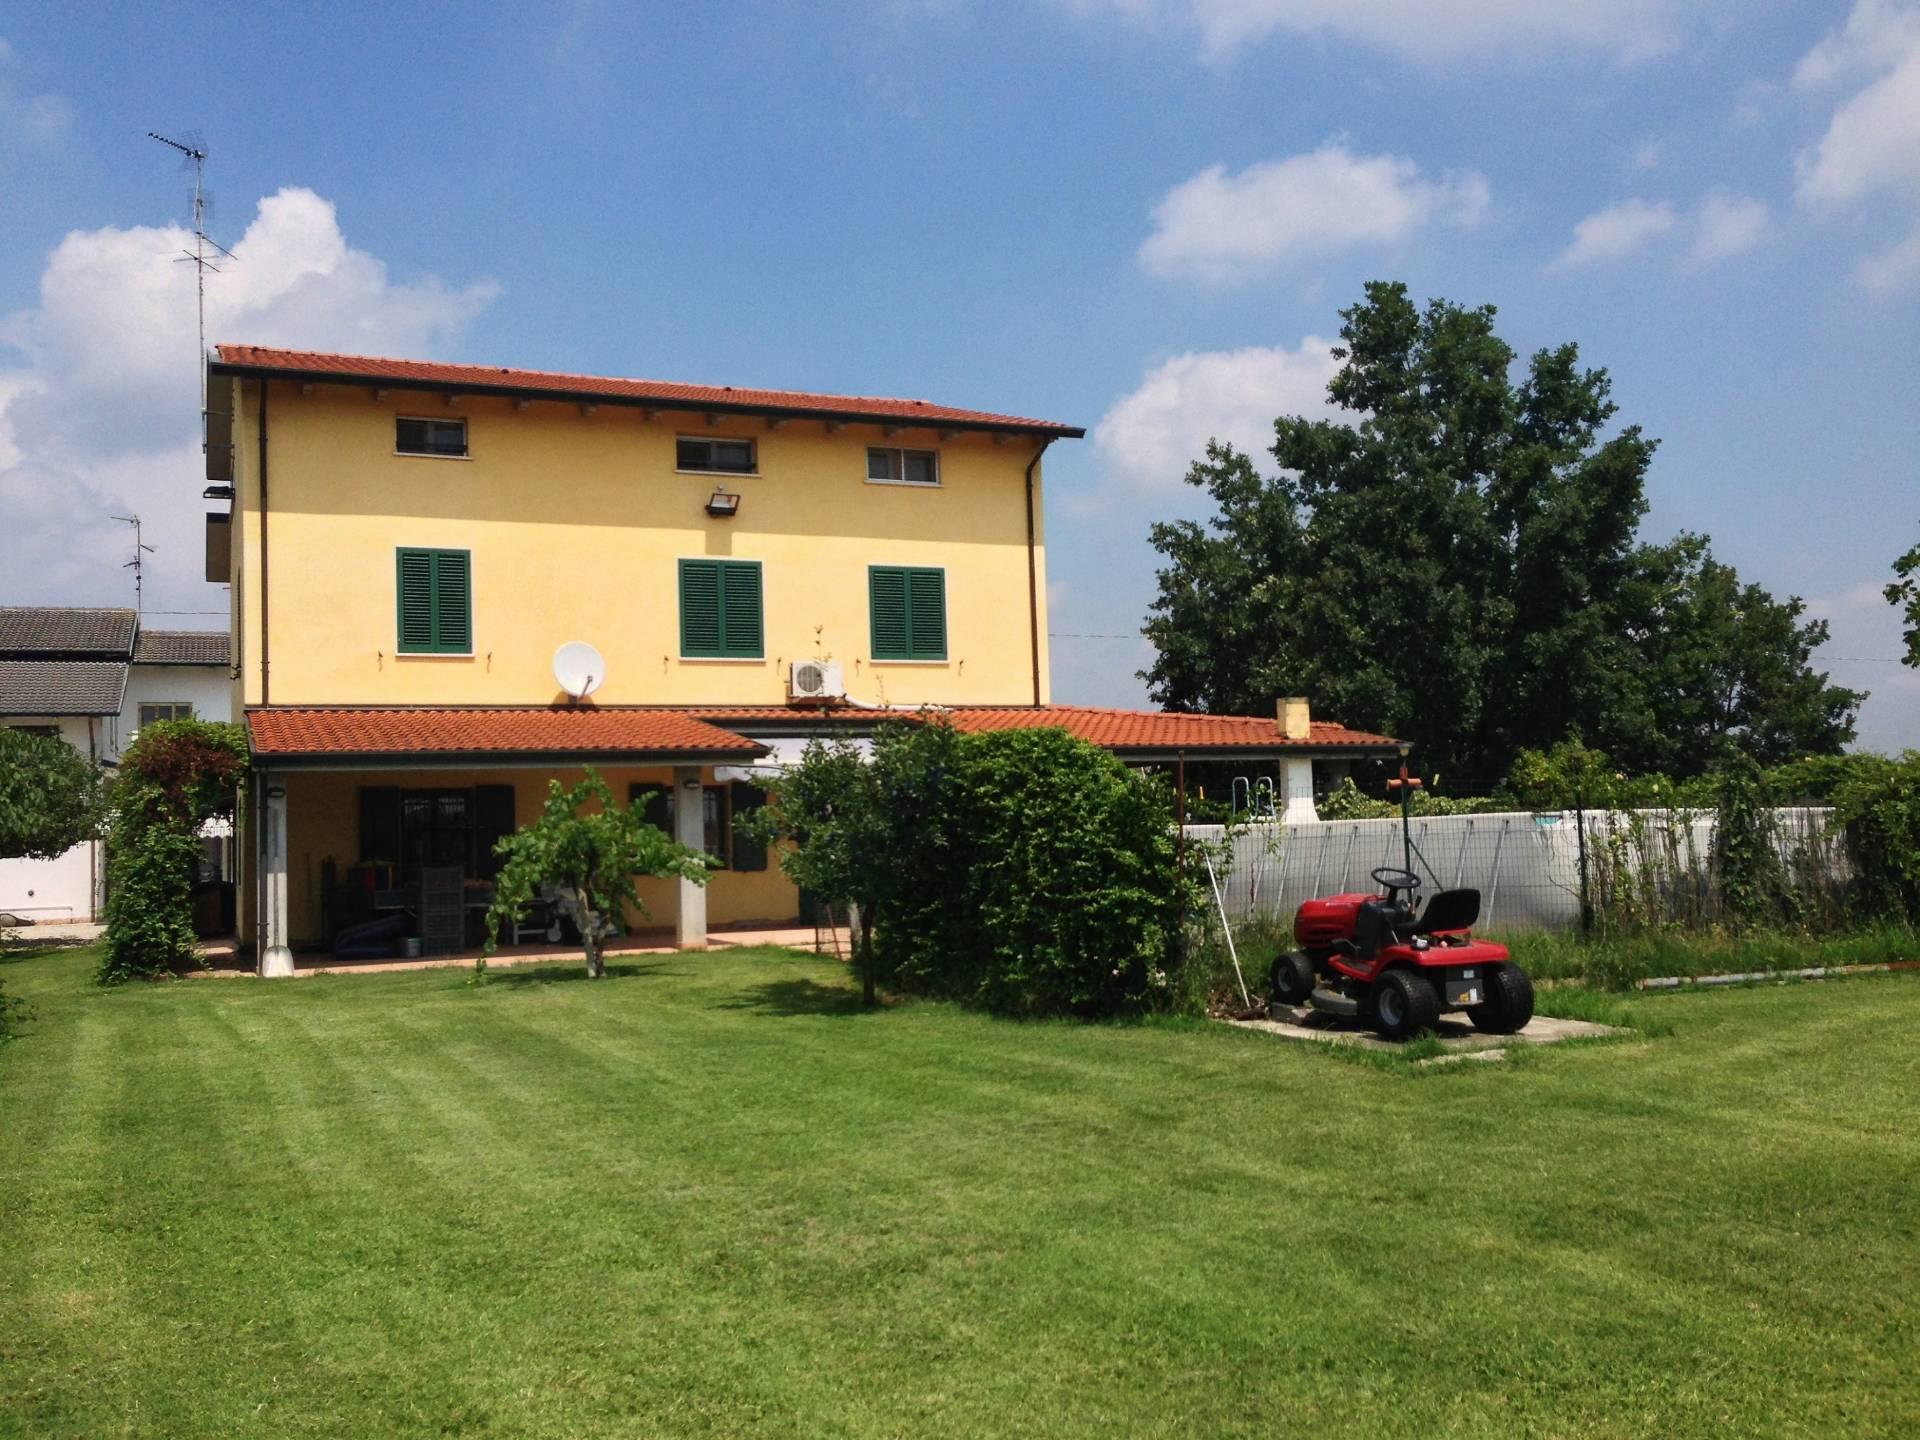 Foto 1 di Casa indipendente Strada Provinciale 45, Bondeno